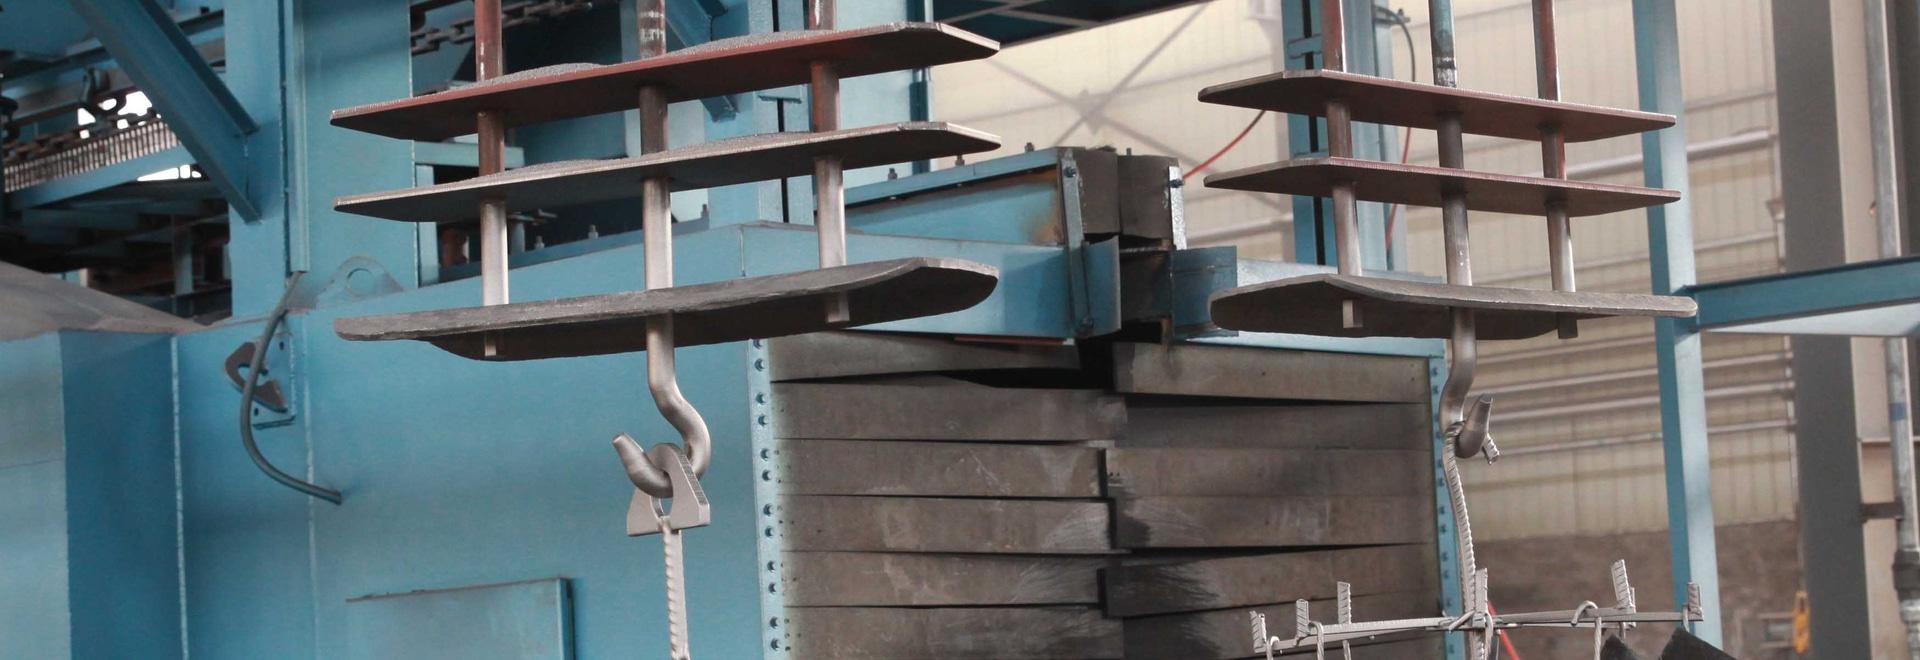 Q38, tipo catenario máquina de la serie Q48 del chorreo con granalla